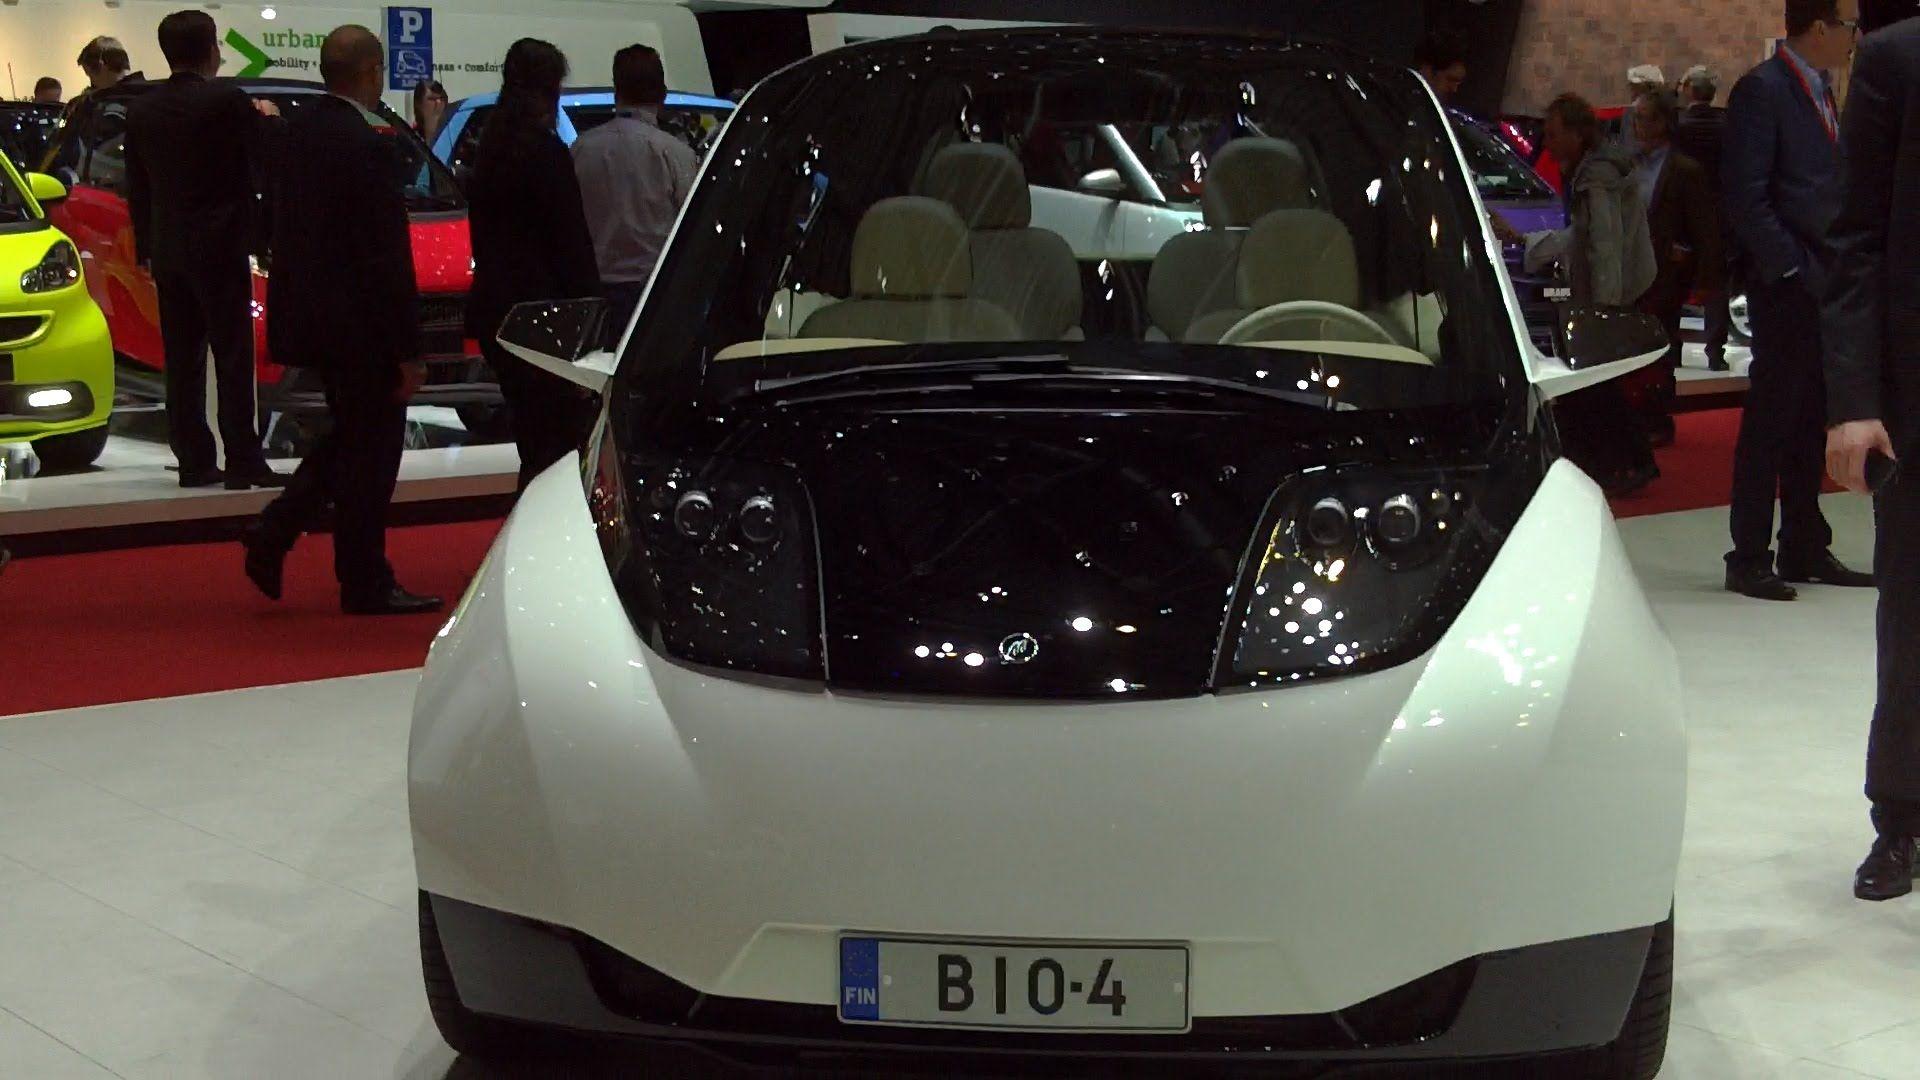 Biofore Concept car Concept cars, Car, Car exterior